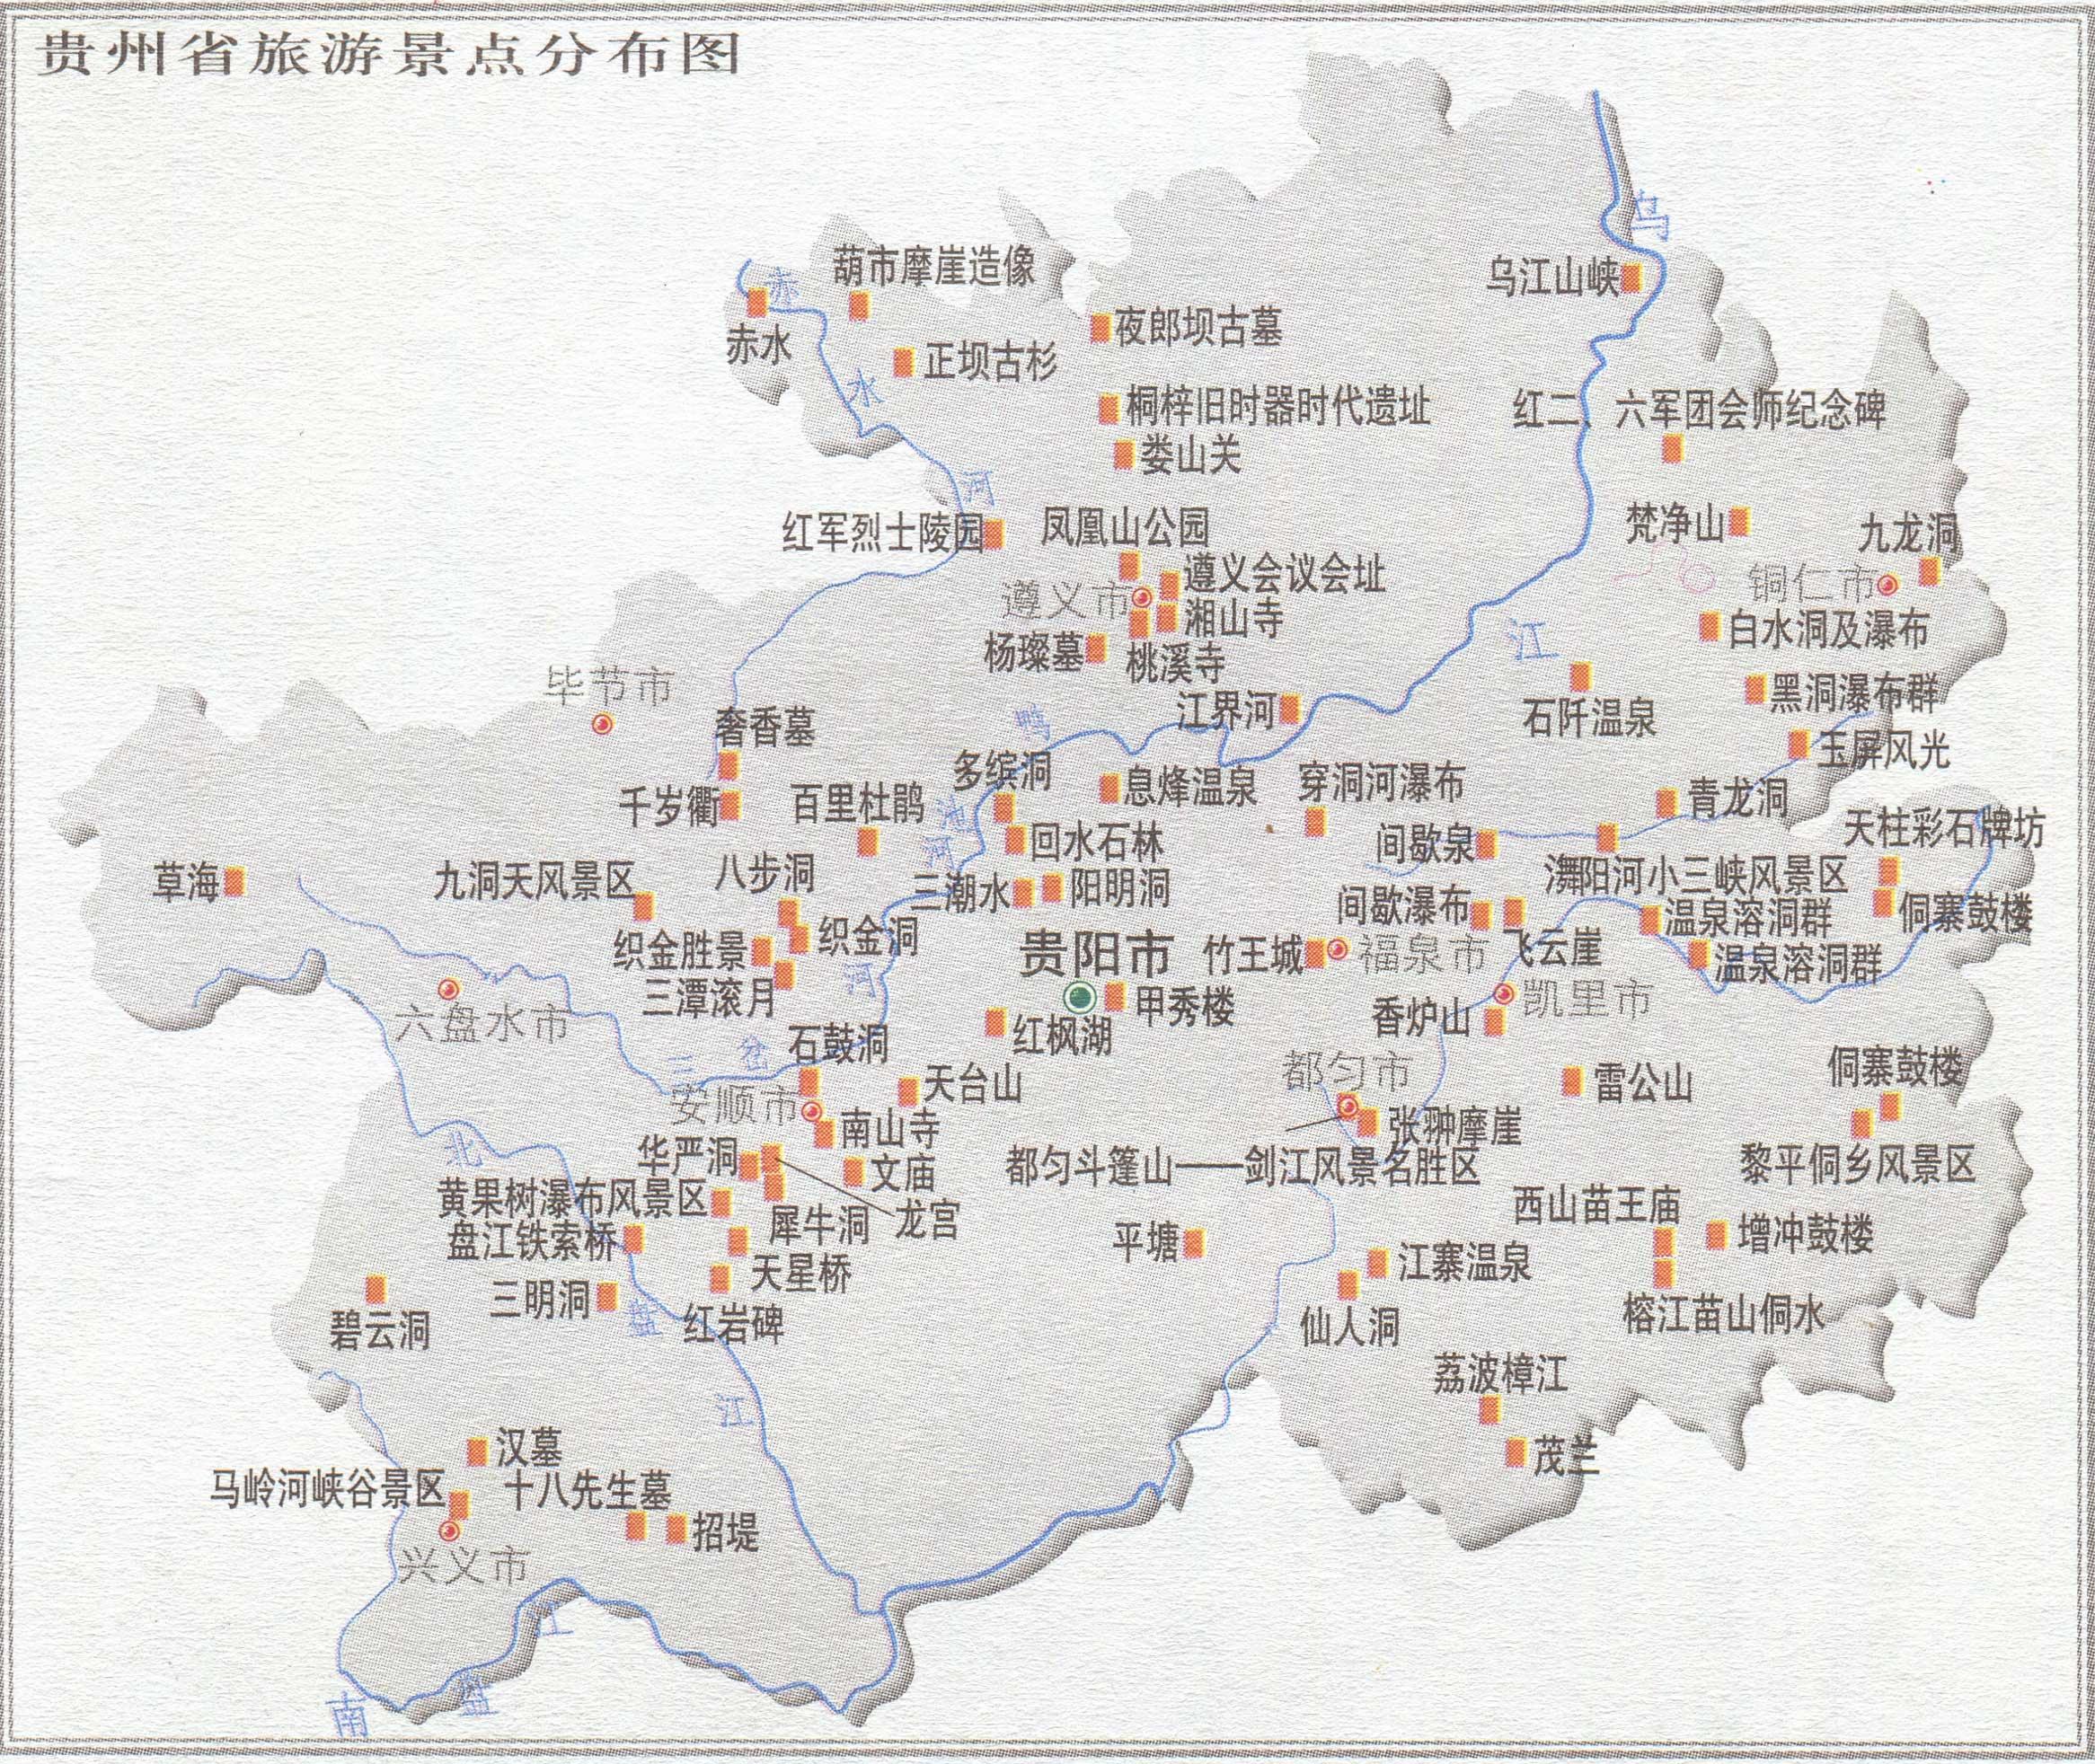 贵州旅游景点分布图